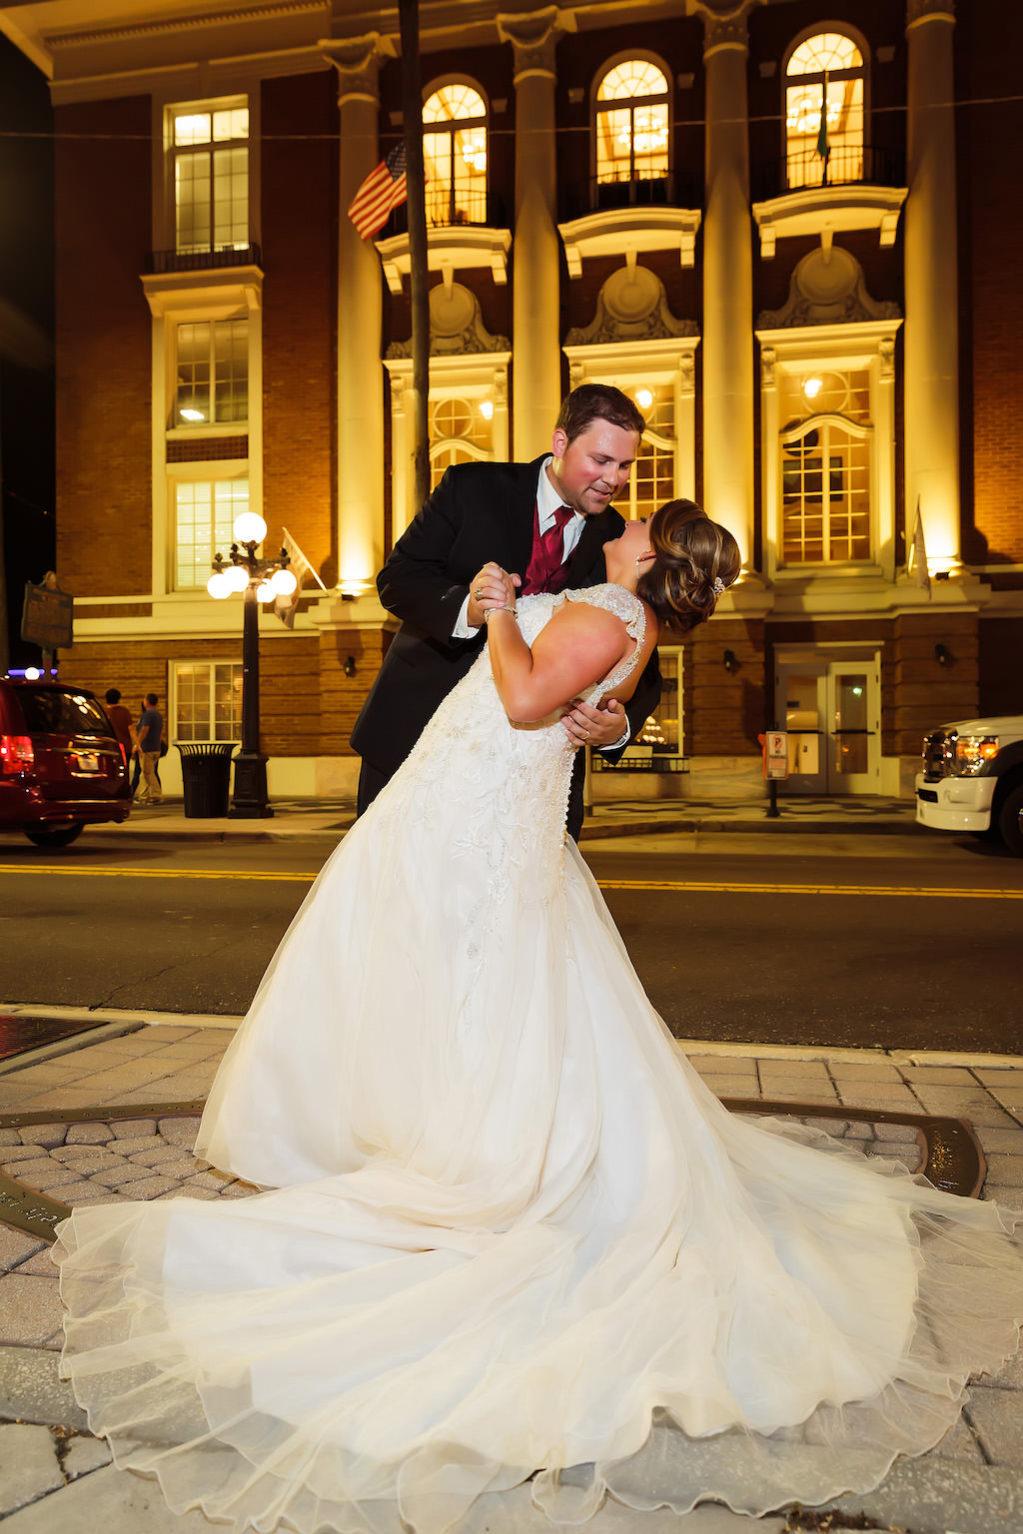 Tampa Bay Nighttime Wedding Portrait | Ybor City Wedding Venue The Italian Club